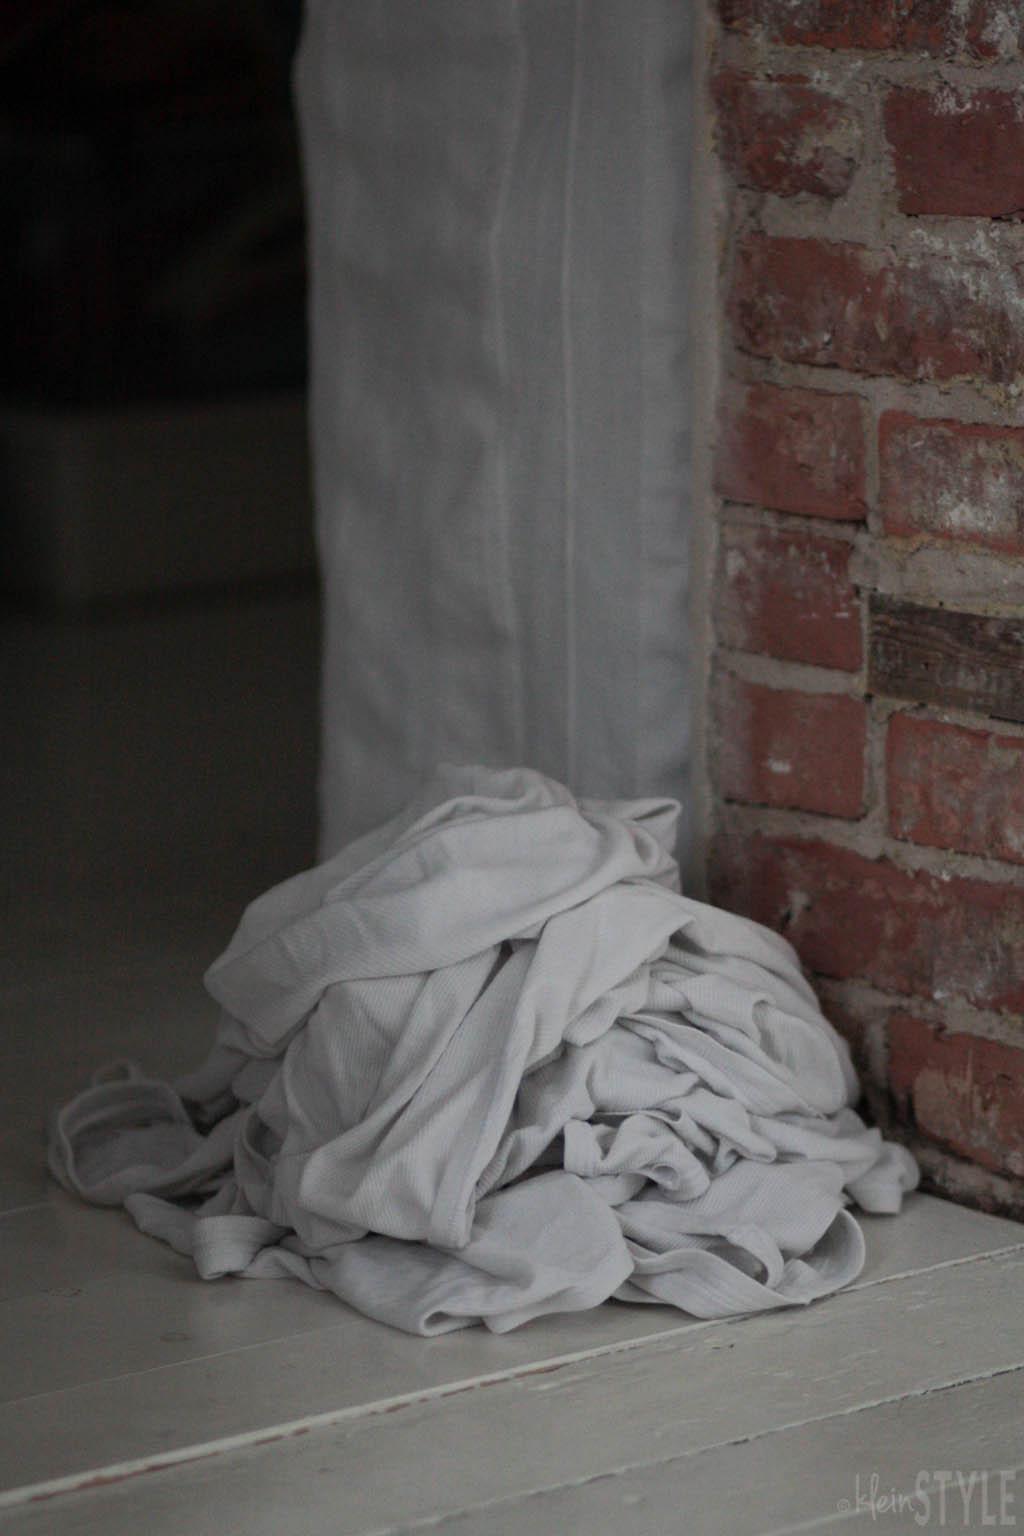 waschen ohne Maschine by kleinstyle.com-2